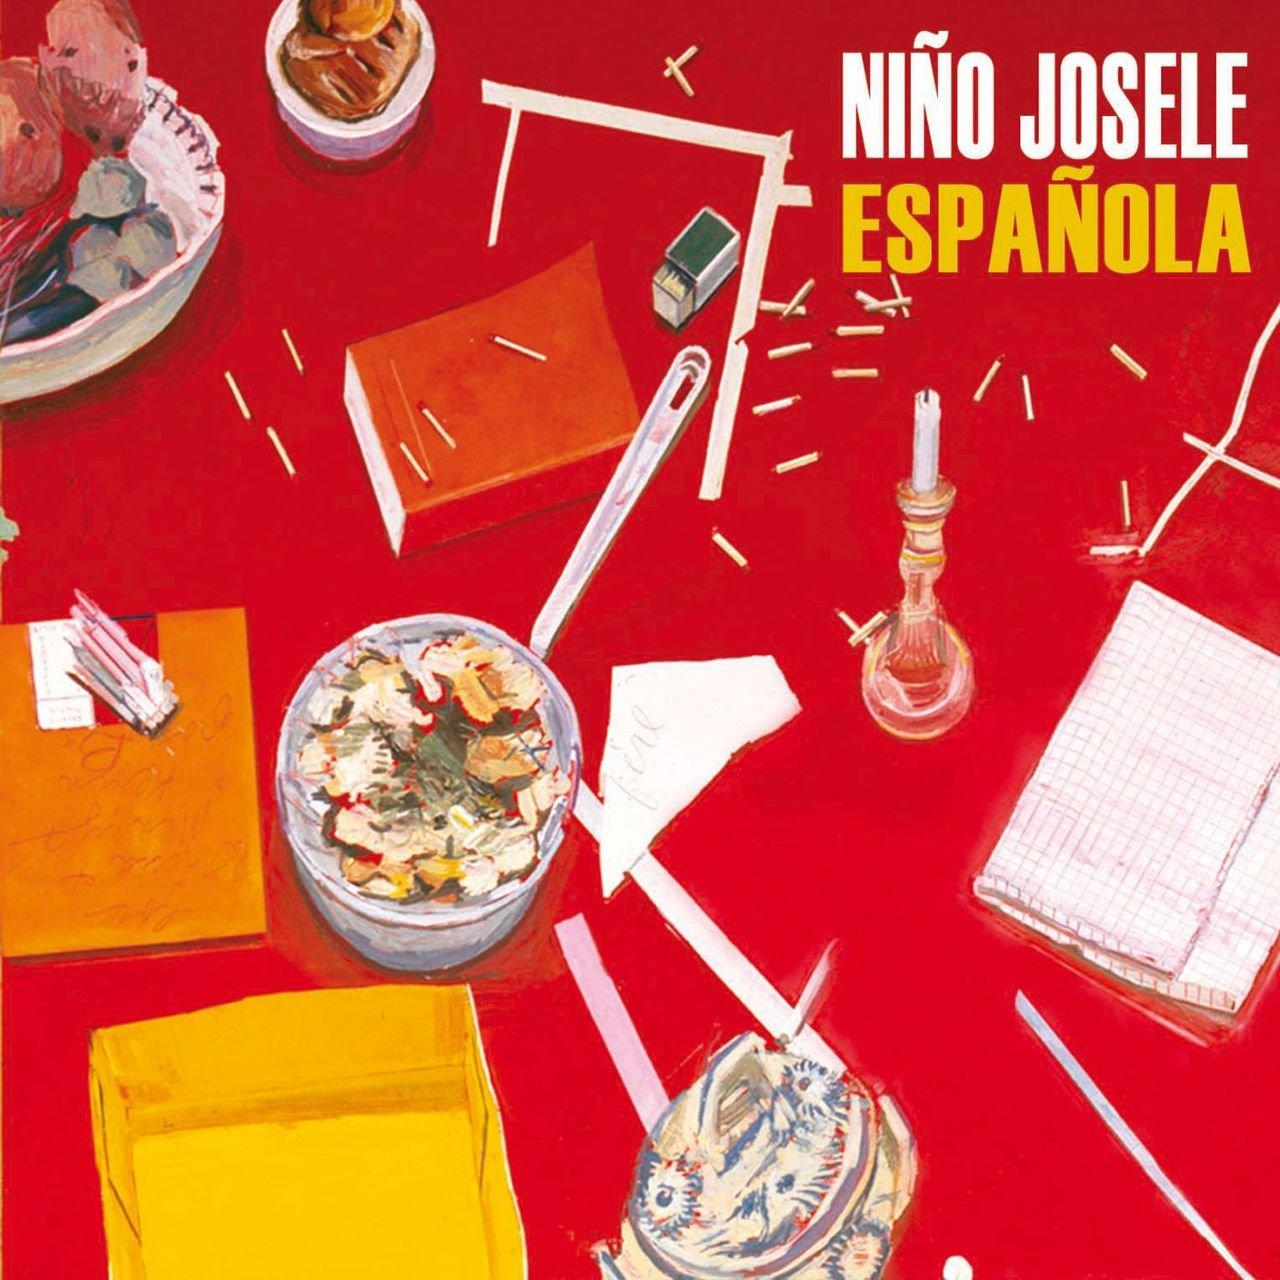 Nino Josele Espanola.jpg